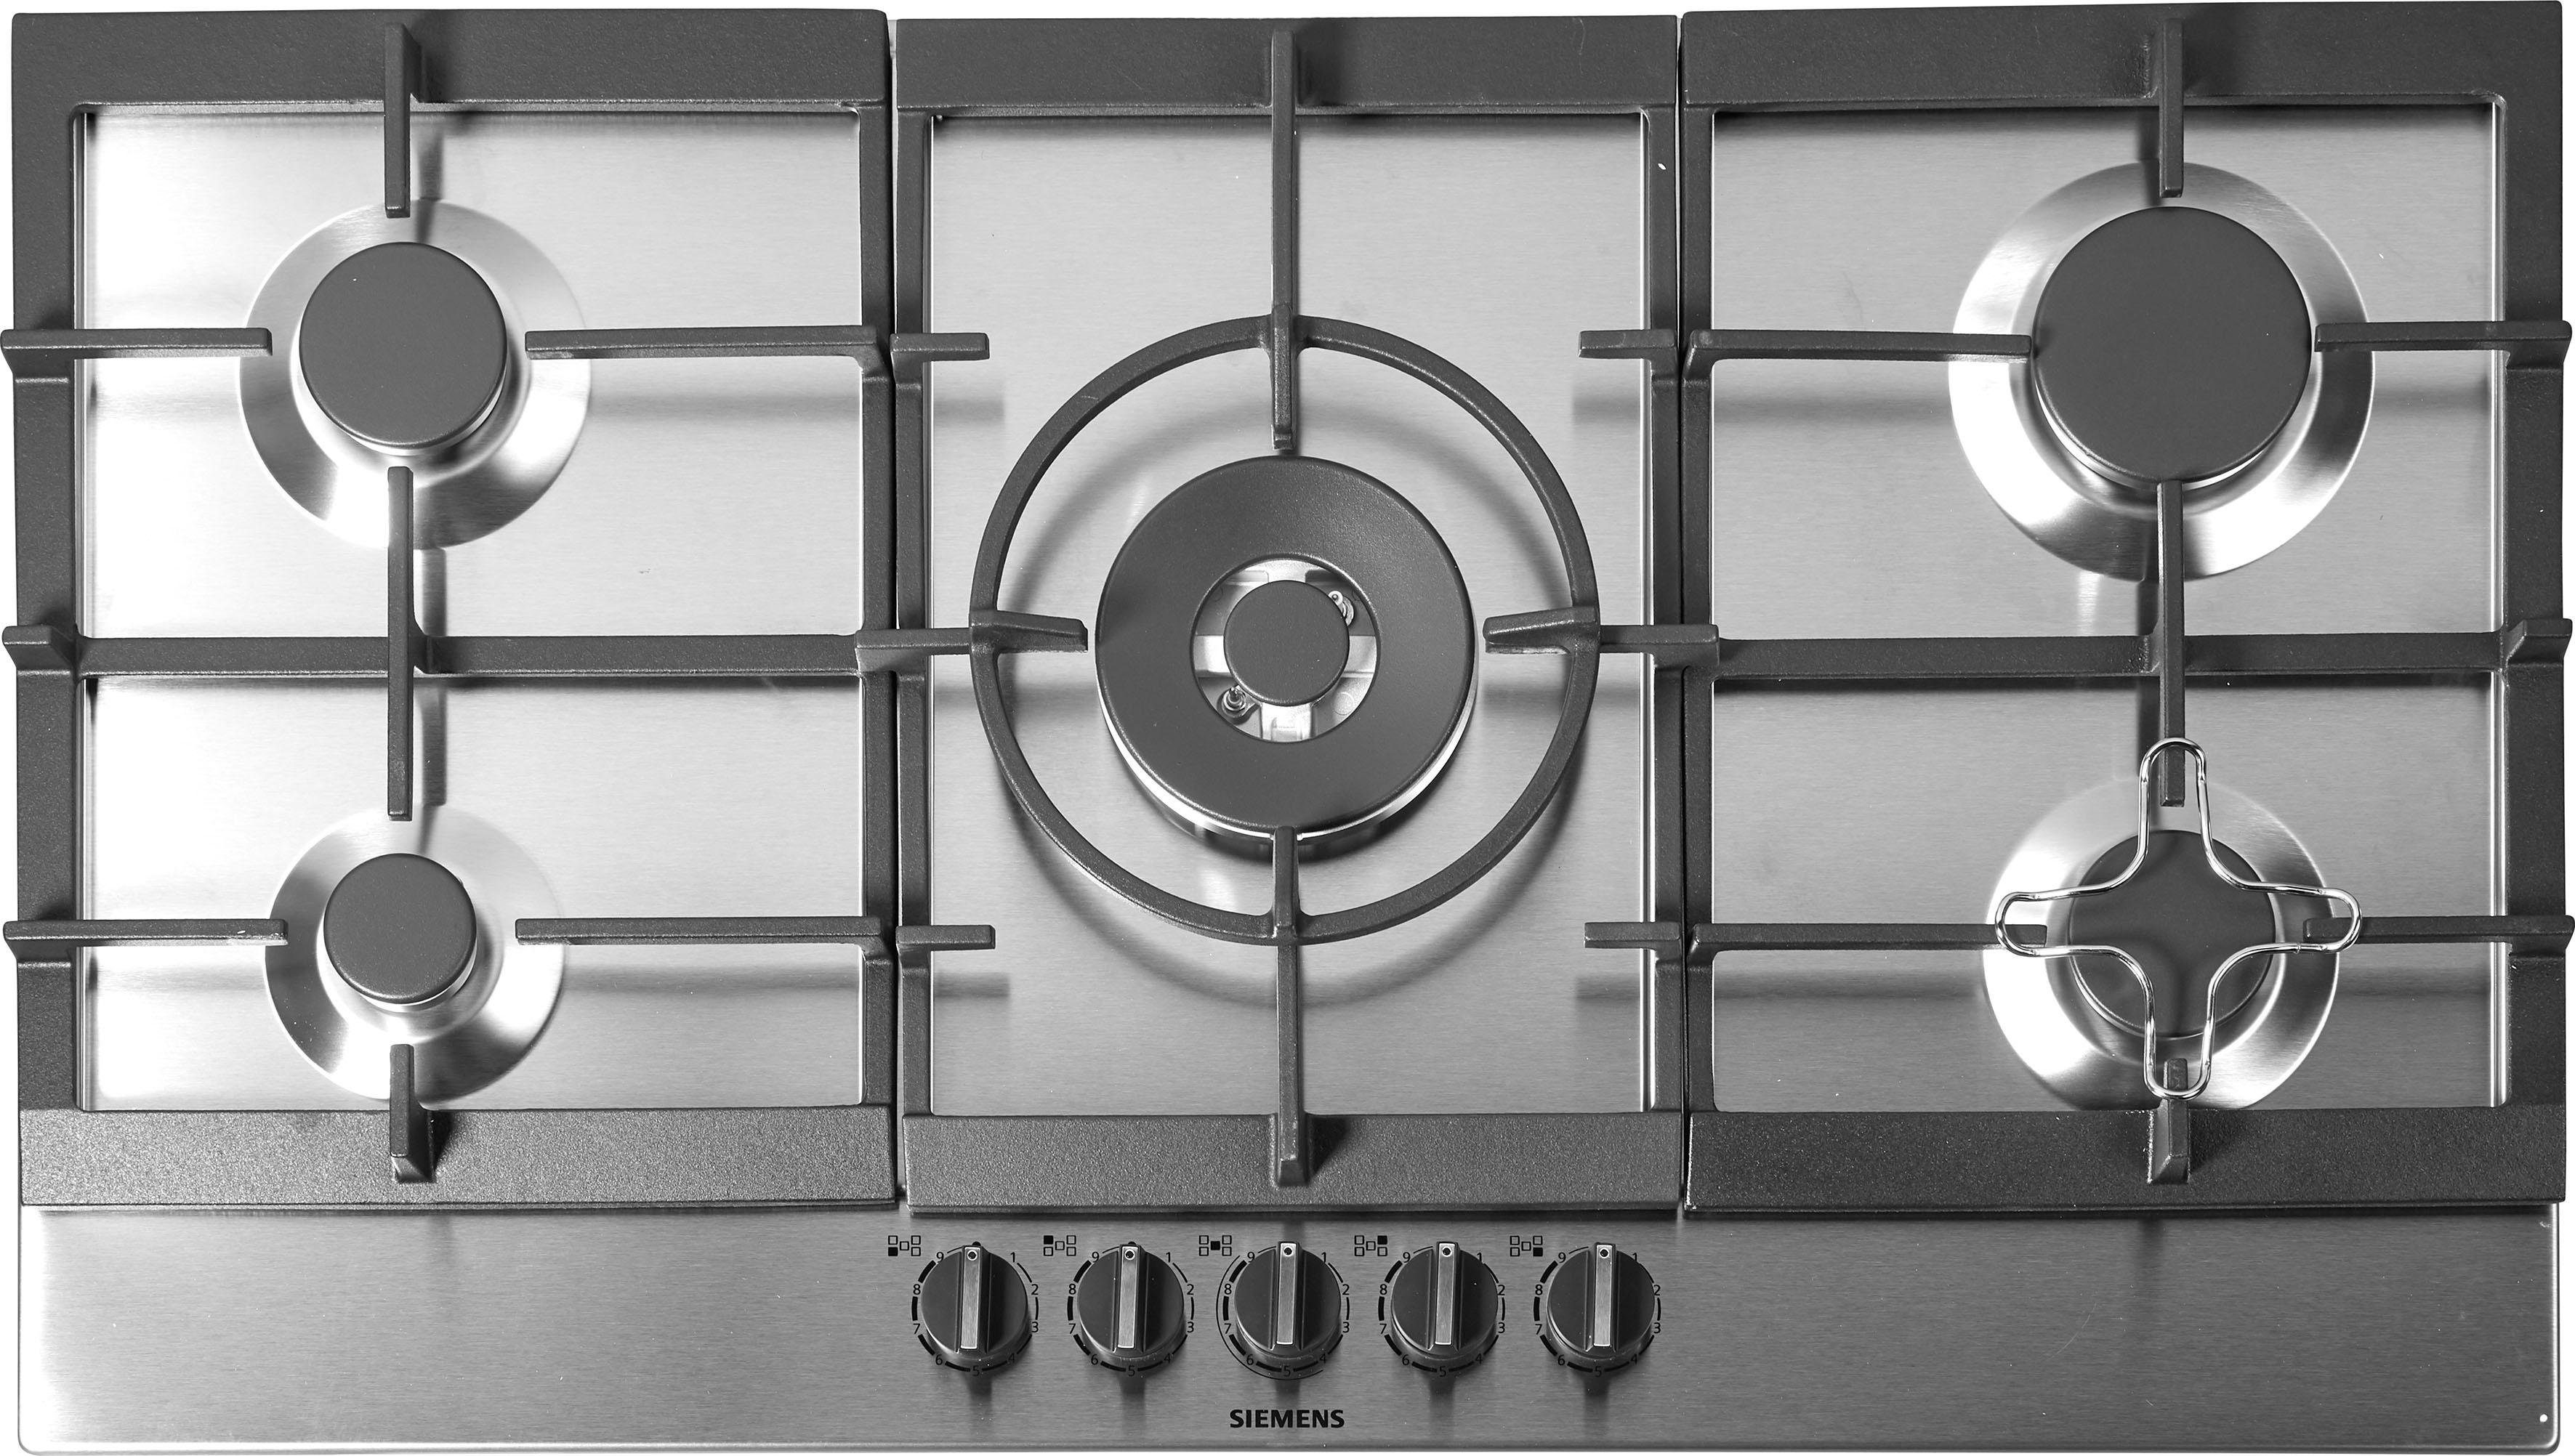 Smeg Kühlschrank Otto : Smeg deutschland hausgeräte made in italy mit design und funktion